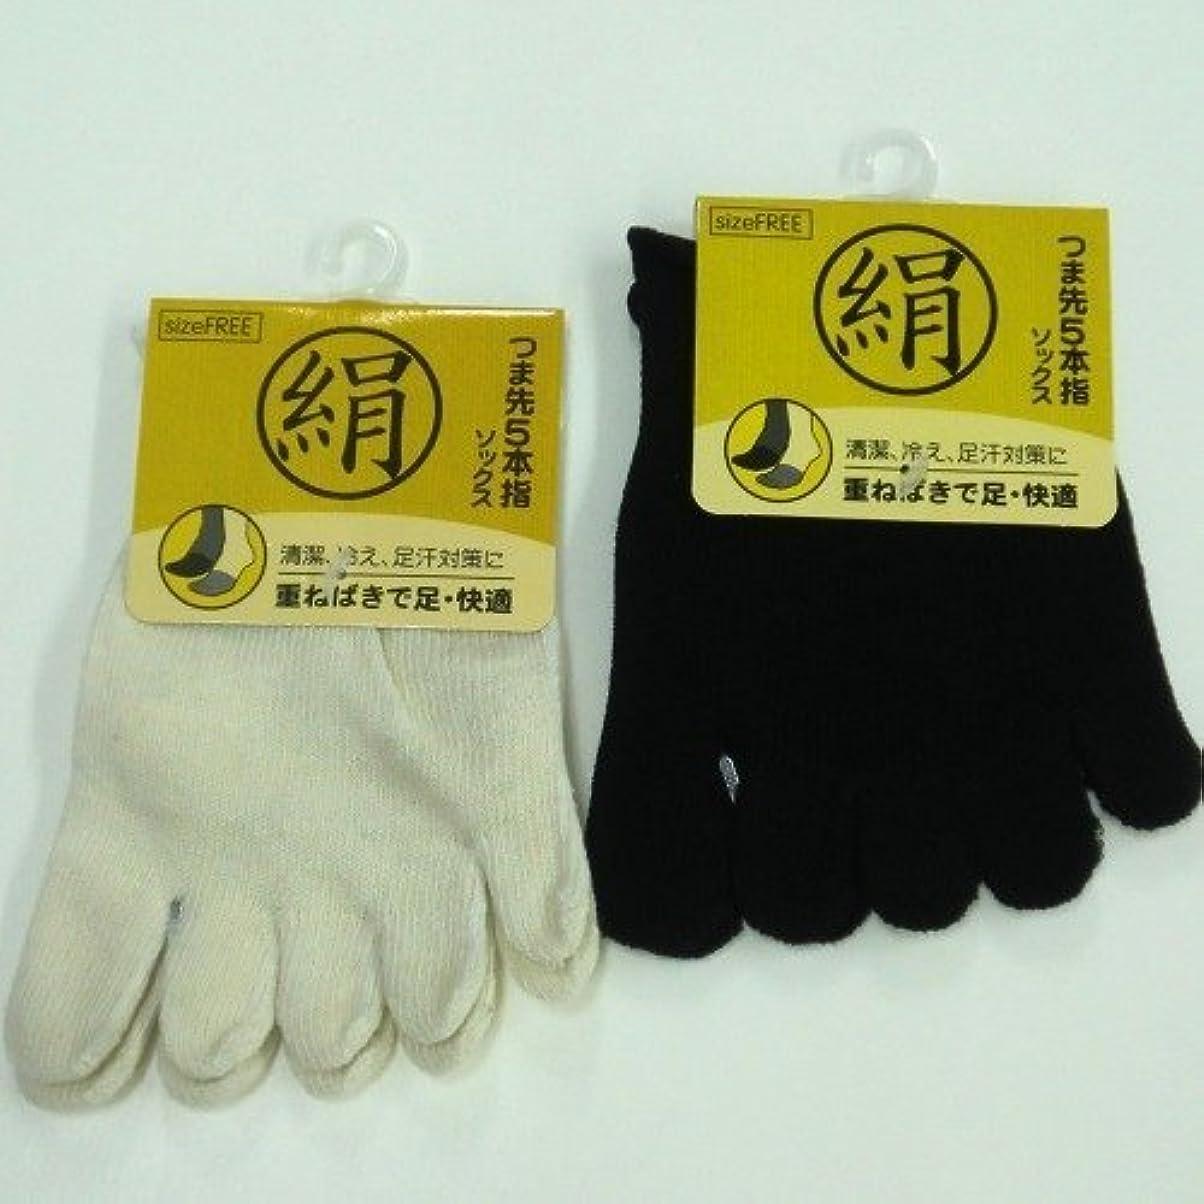 タッチ速報未亡人シルク 5本指ハーフソックス 足指カバー 天然素材絹で抗菌防臭 4足組